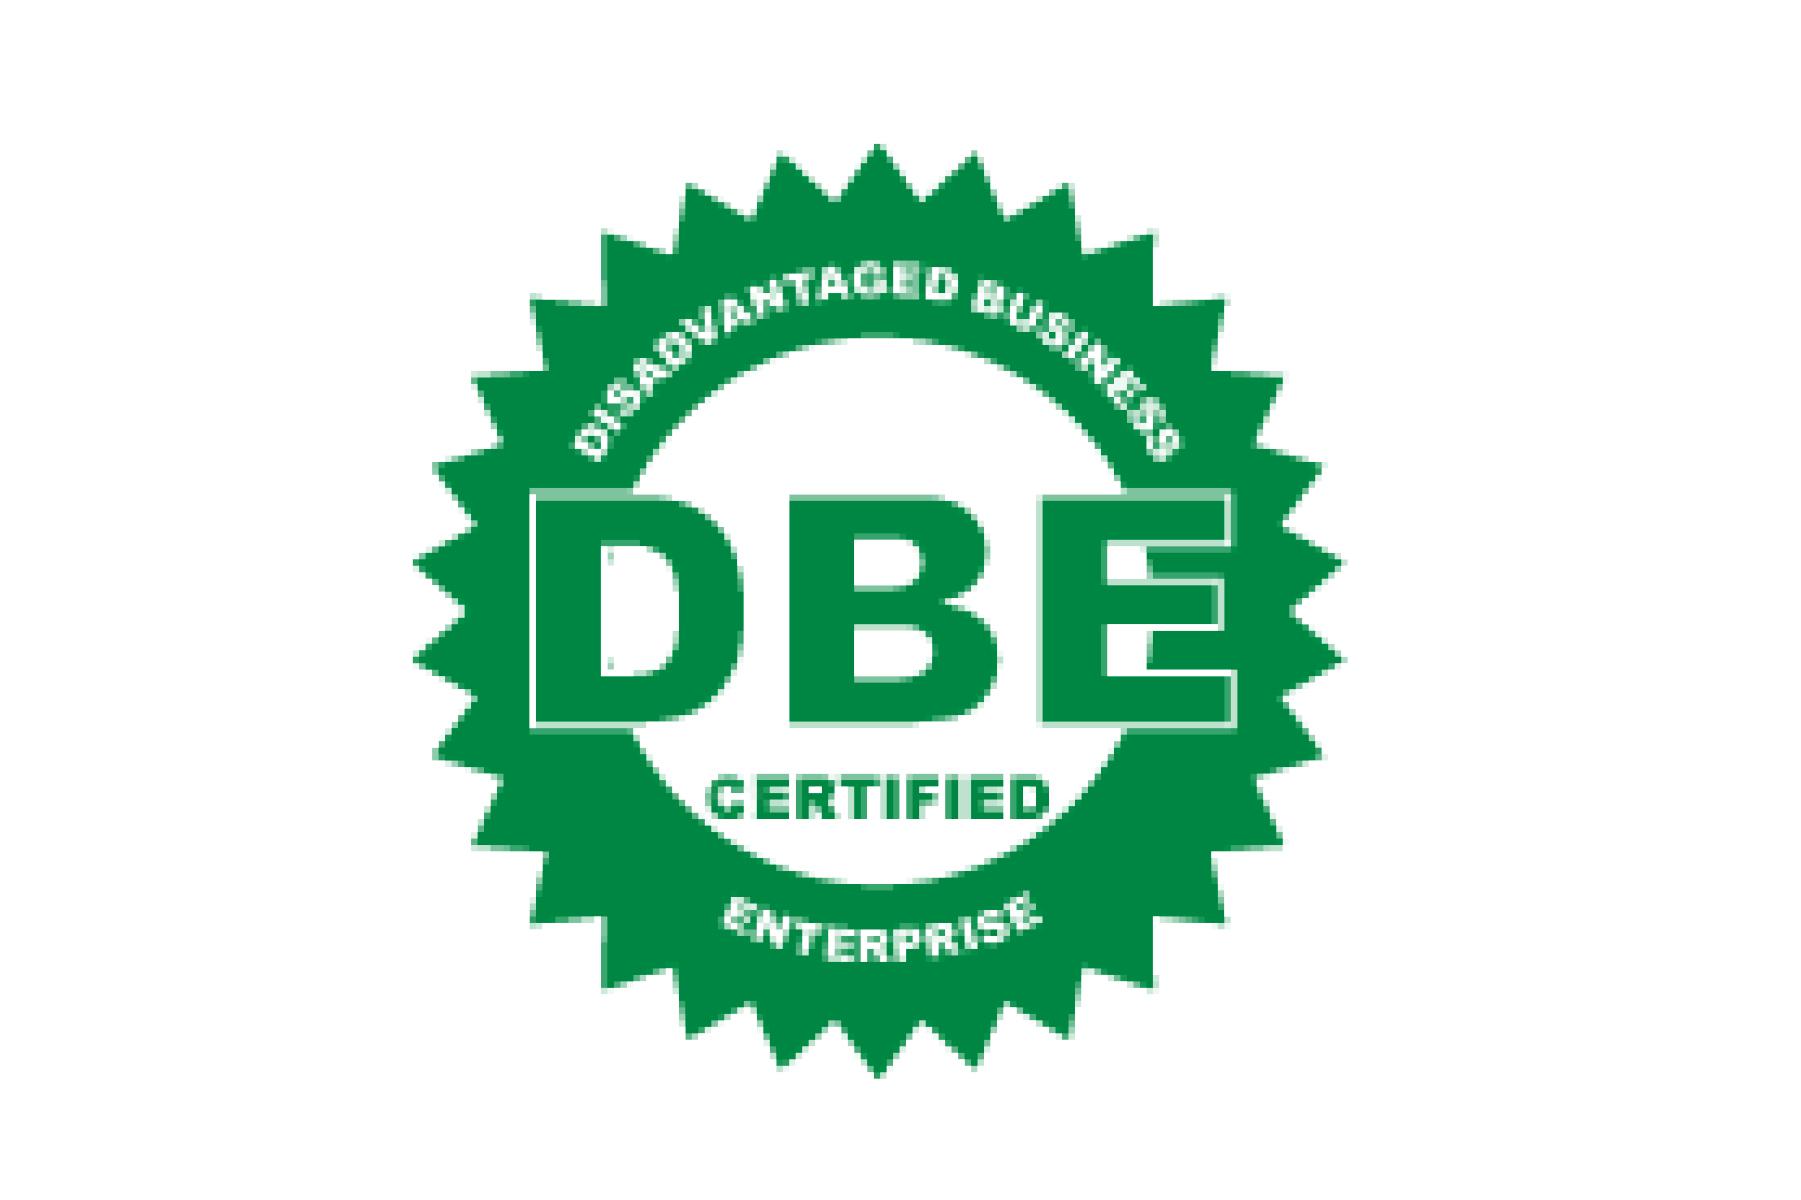 National Disadvantaged Enterprise